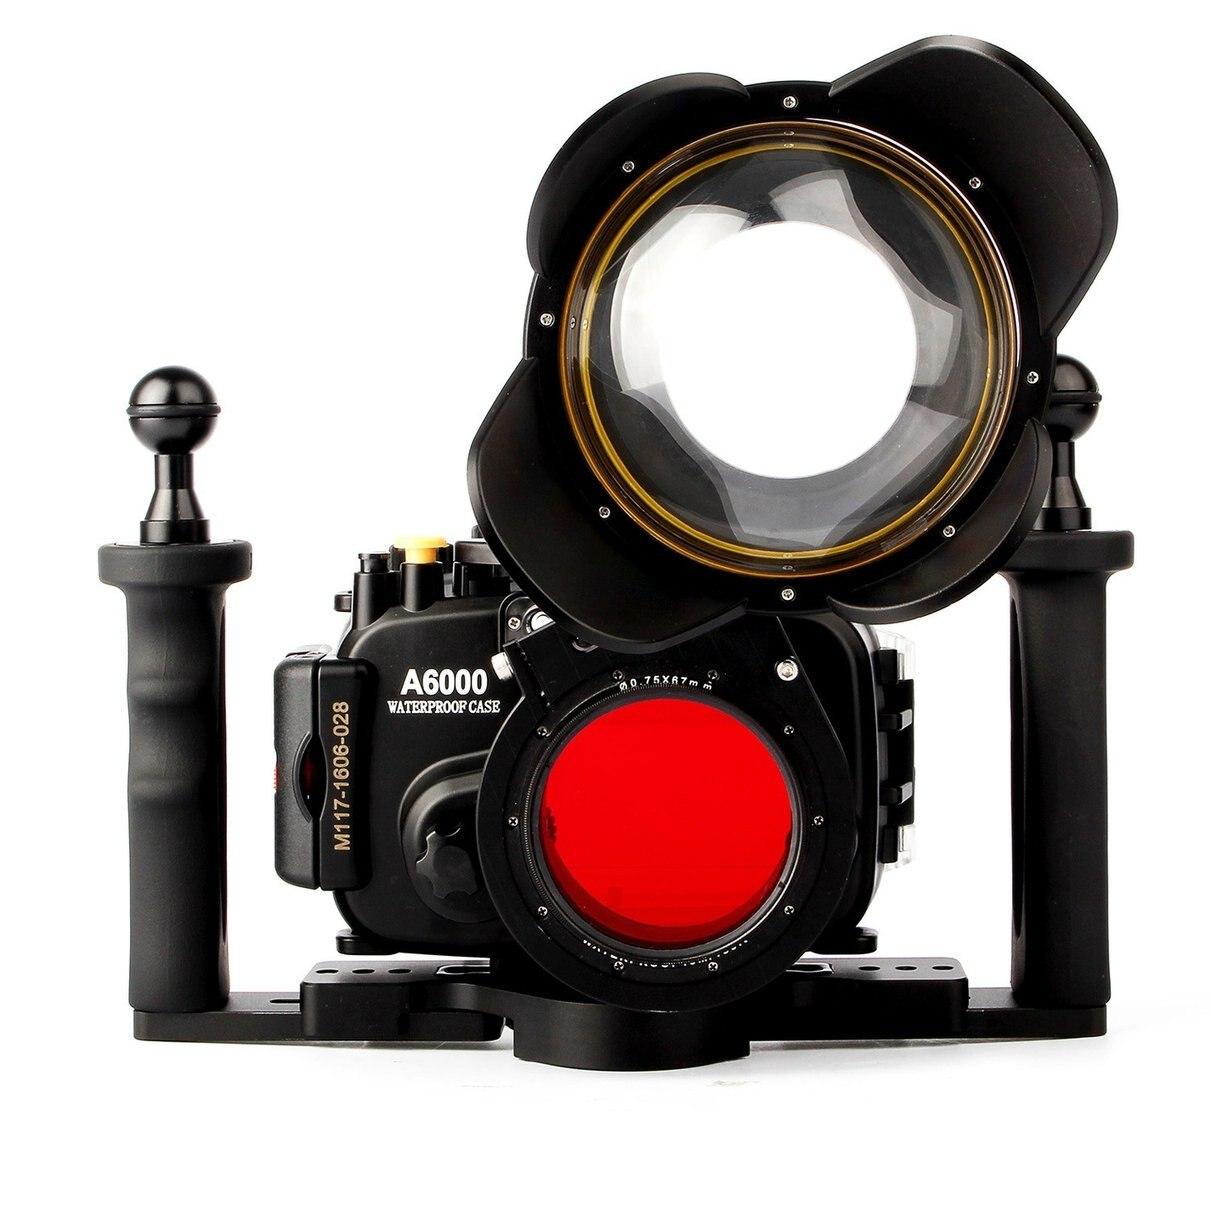 Boîtier étanche pour appareil photo sous-marin pour Sony A6000 w/objectif 16-50mm + Port dôme Fisheye + poignée à deux mains + filtre rouge